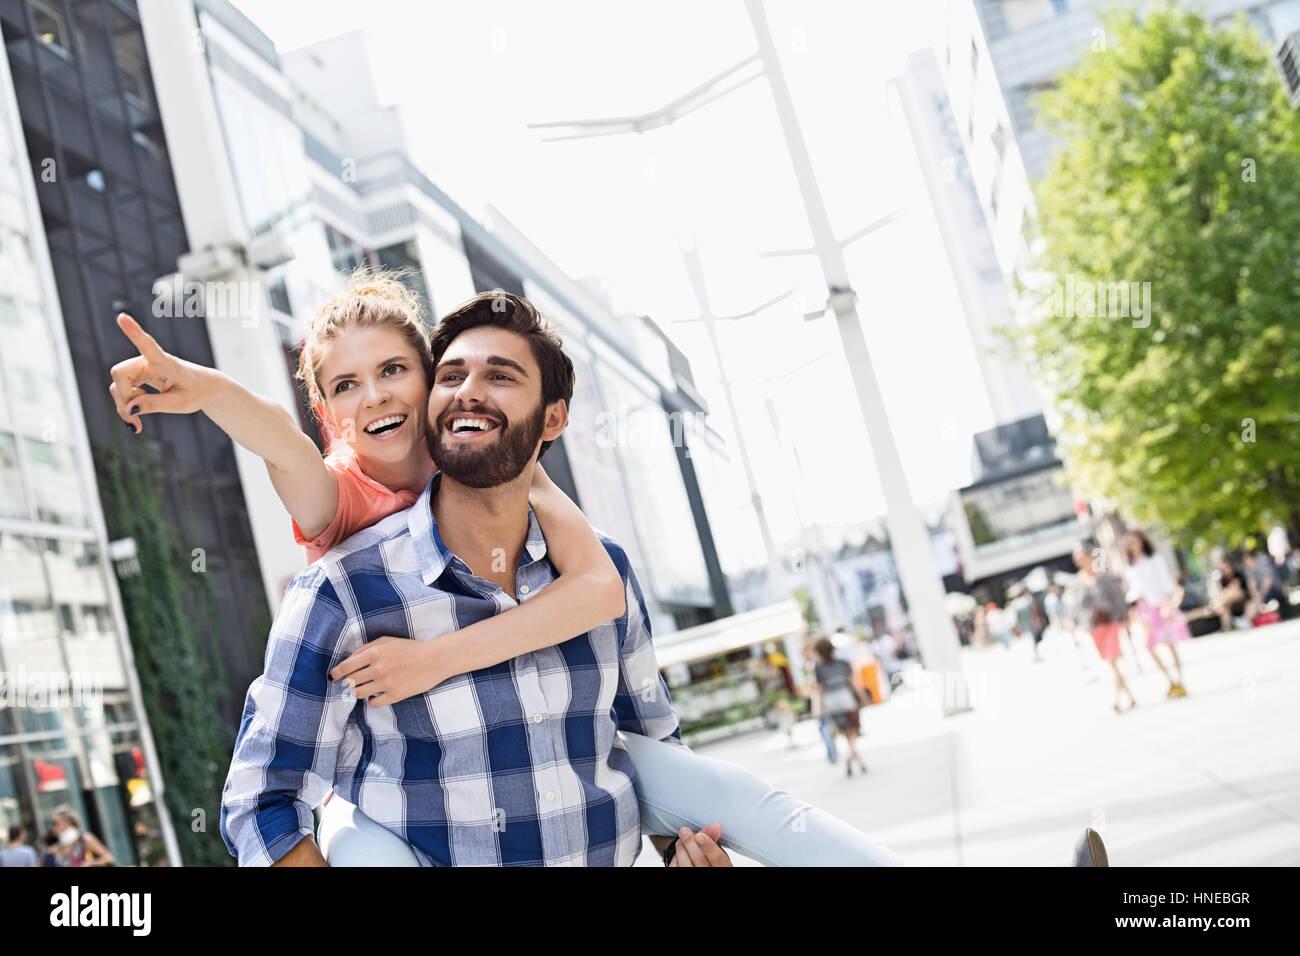 Mujer feliz mostrando algo al hombre mientras disfruta piggyback paseo en ciudad Imagen De Stock